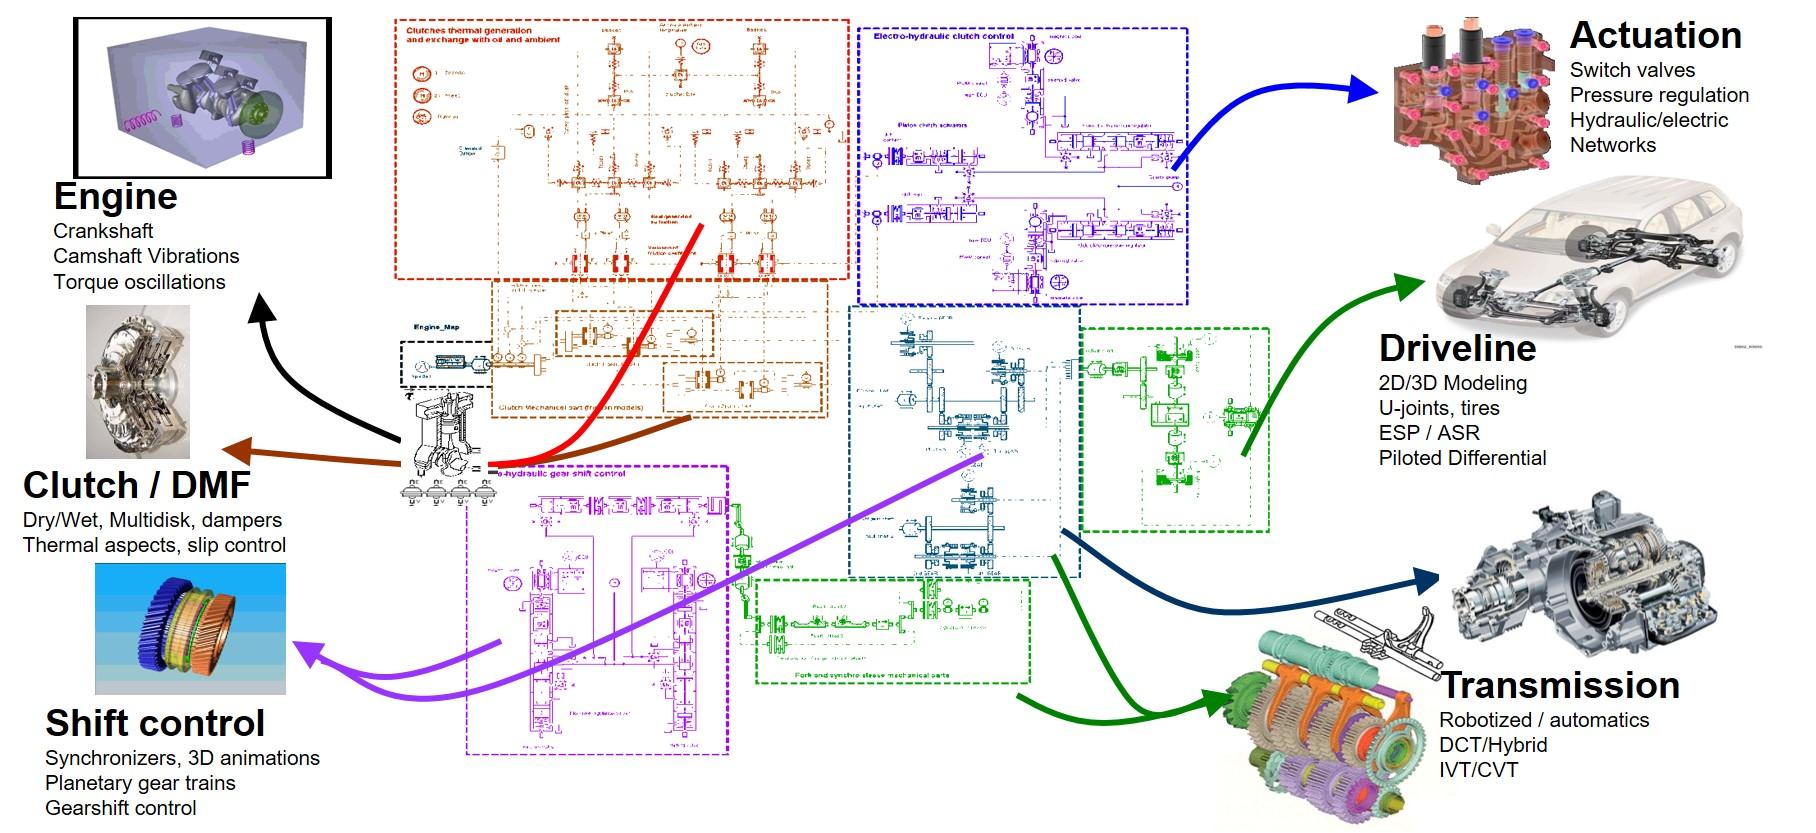 Przykład zastosowania Simcenter 1D Simulation w analizie komfortu podczas zmiany biegów